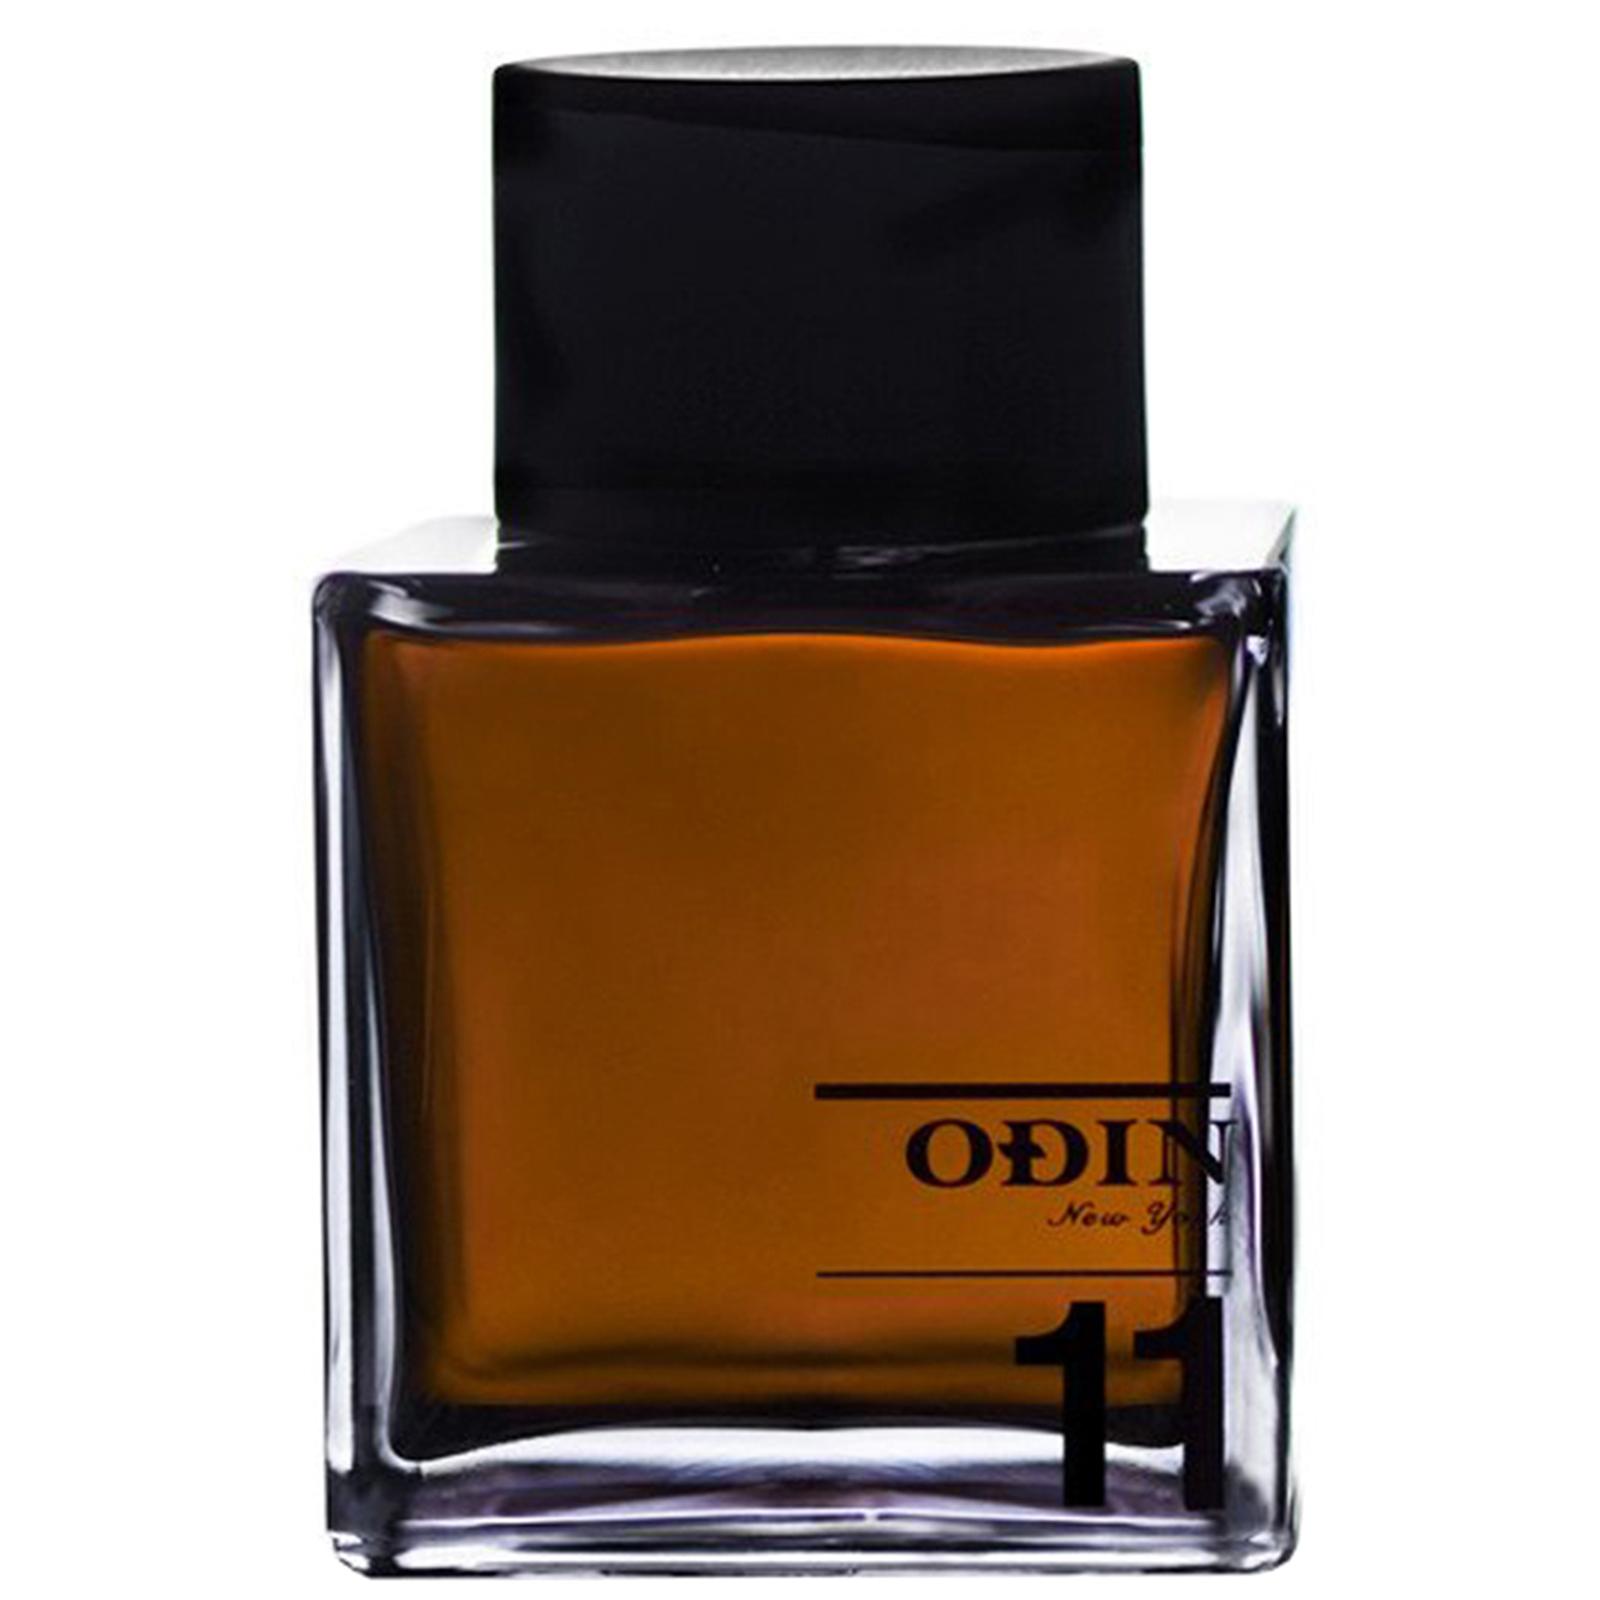 11 semma profumo eau de parfum 100 ml